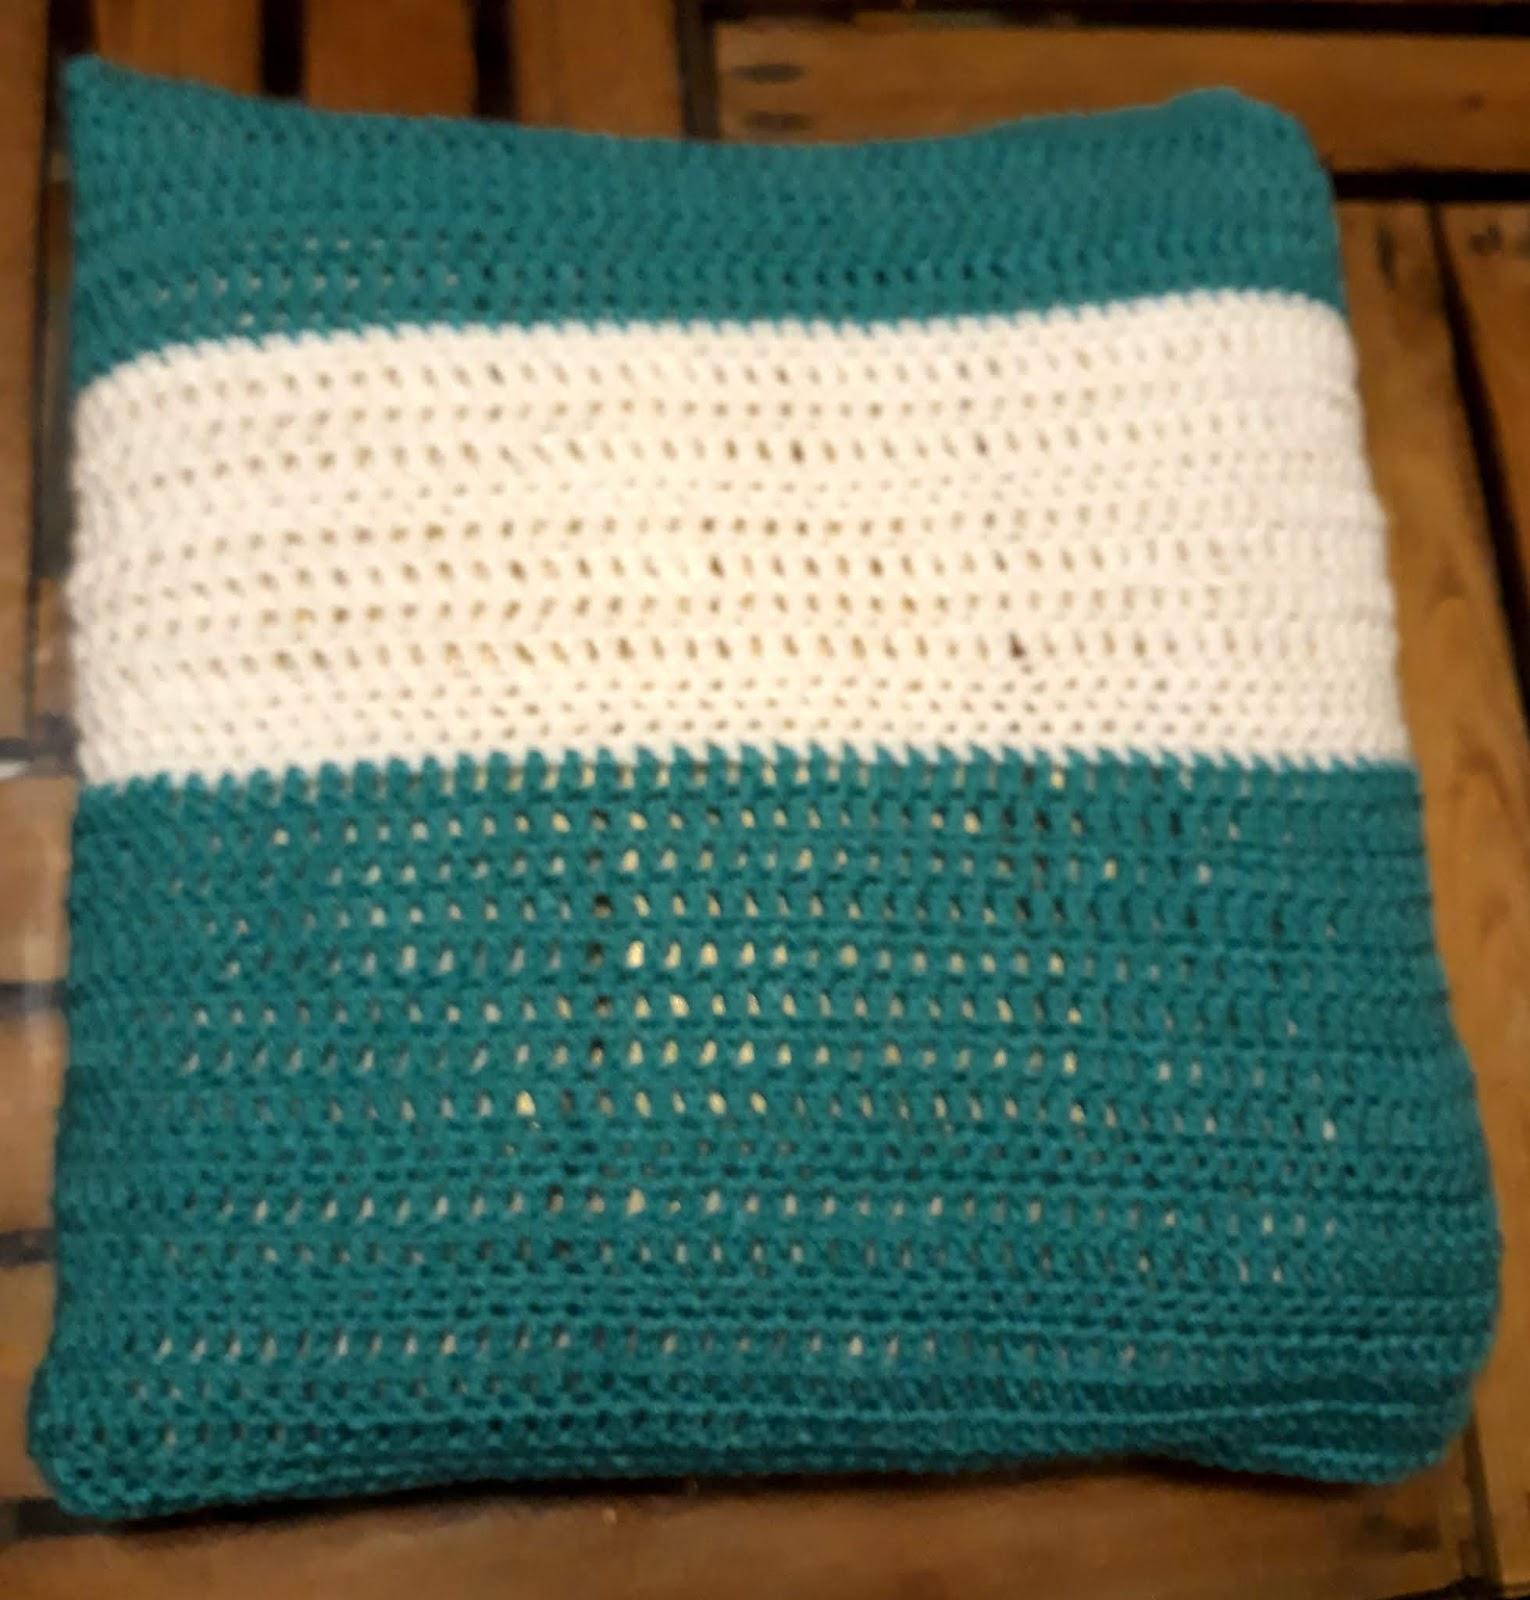 Lucy Und Rasselbande Testet Baby Decke Kissen Gehäkelt